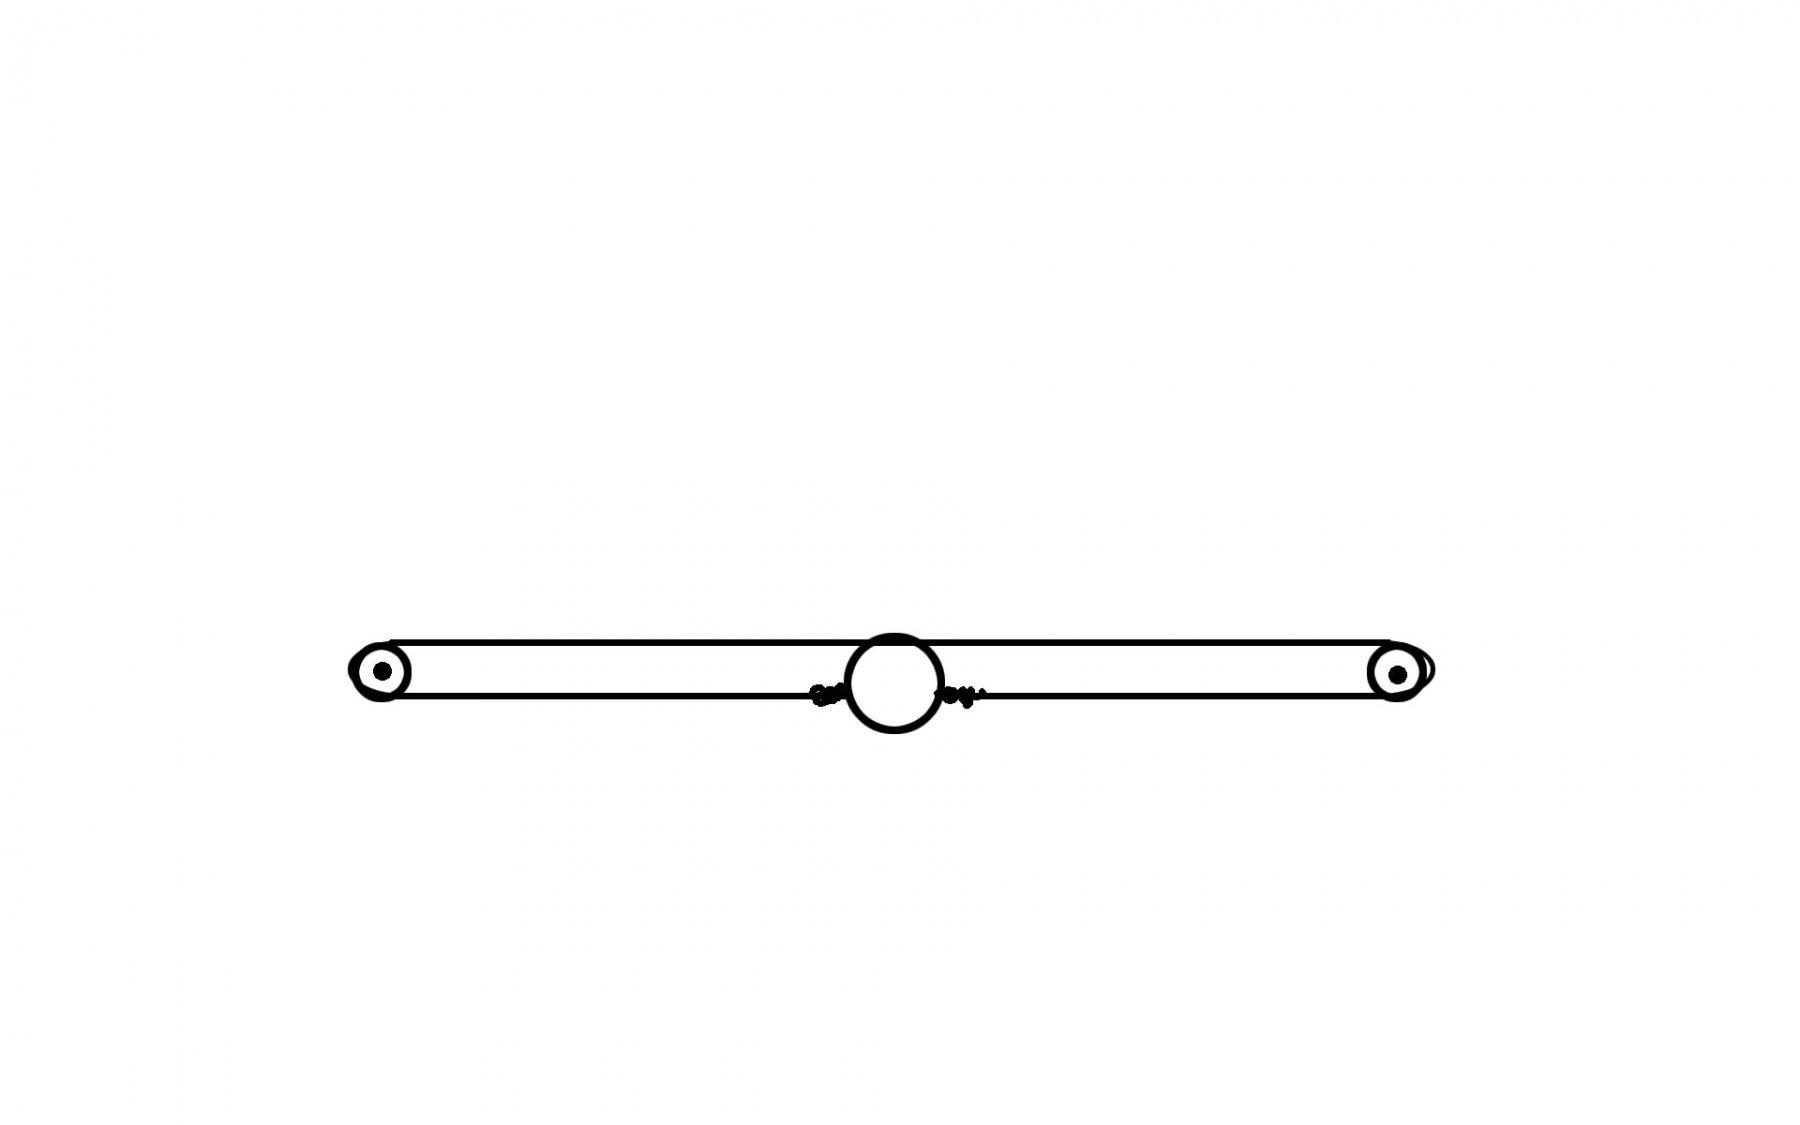 trolley.jpg.5c5bc594b72e0a1148aeef37e2d6c2f0.jpg